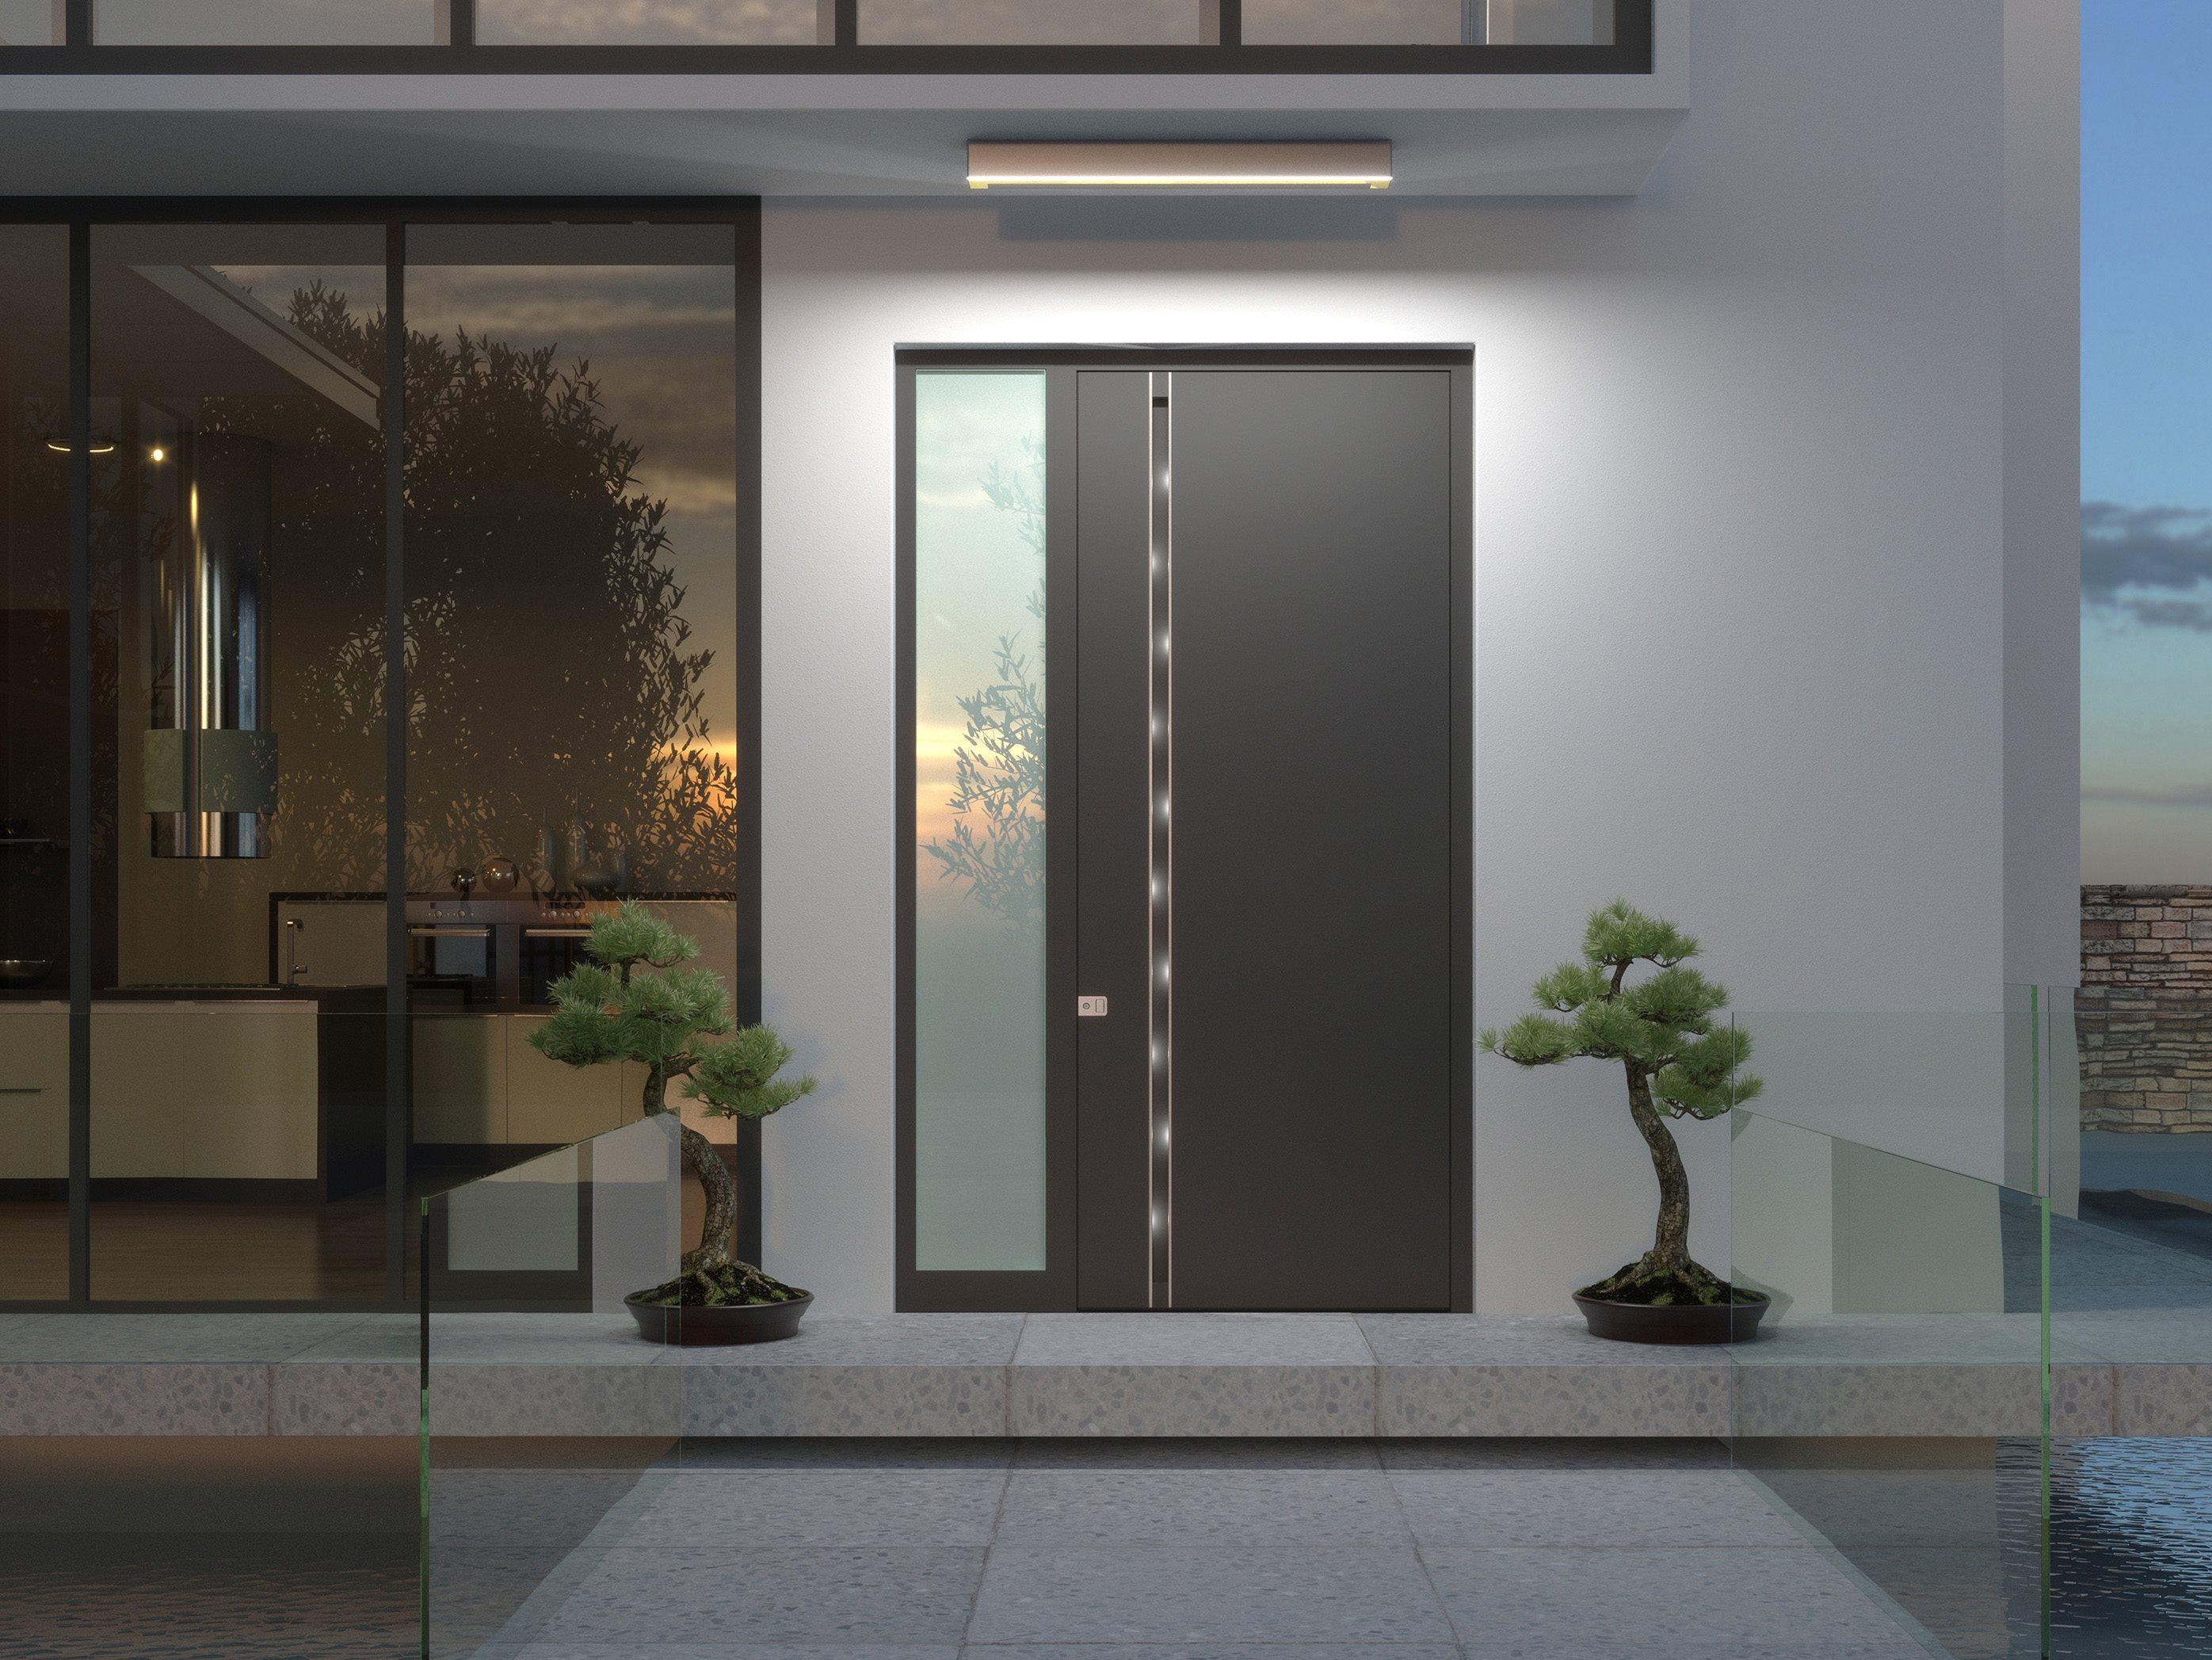 Heroal Aluminium Door, Modern Entrance Door, Front Door, Contemporary Entrance Door. Aluminium Entra